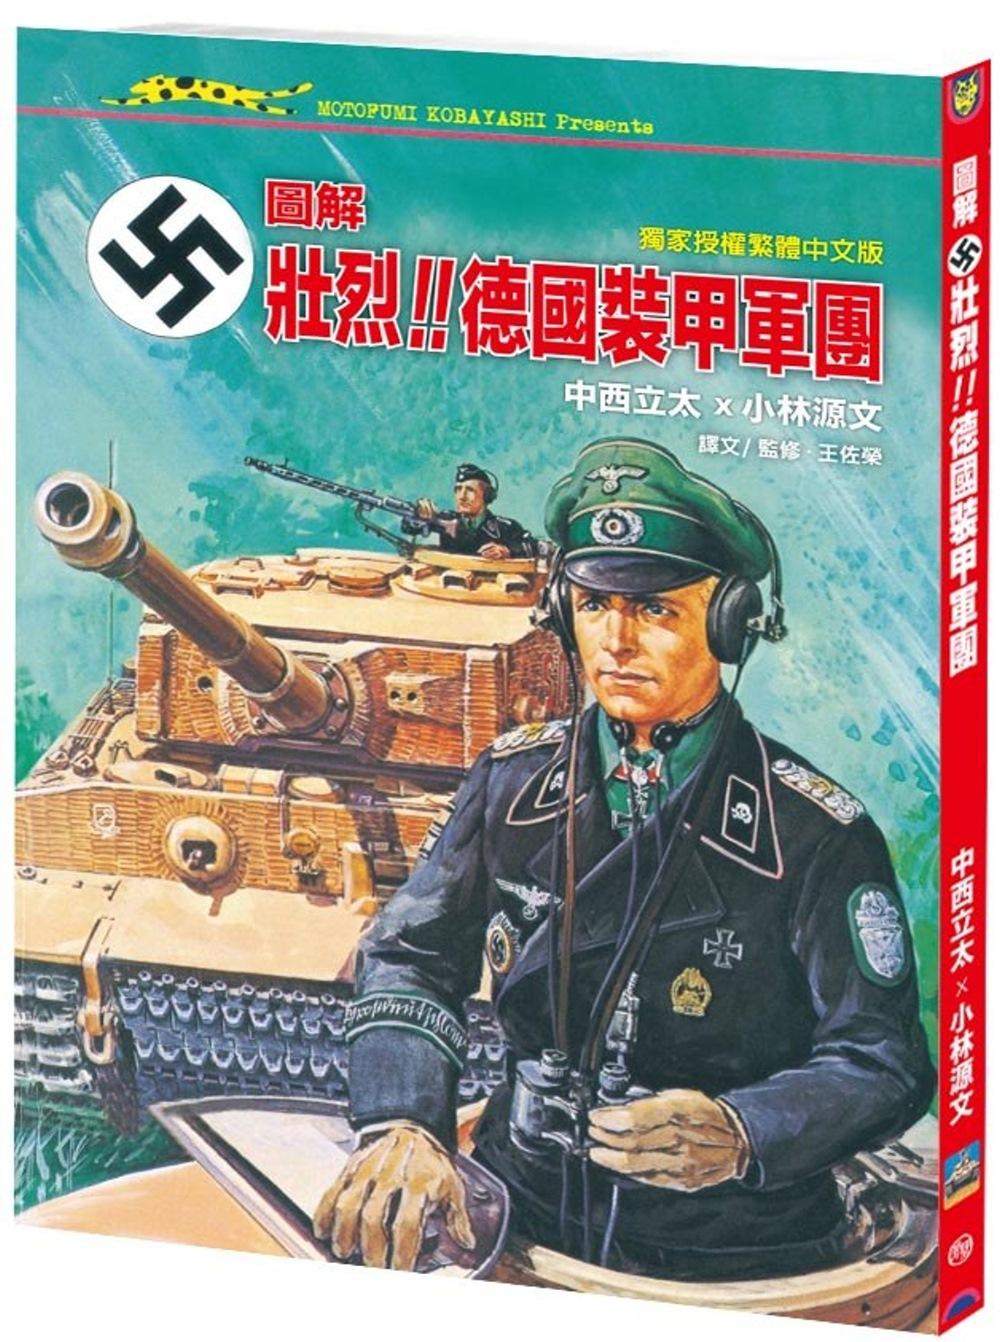 圖解.壯烈!!德國裝甲軍團(A4大開本)